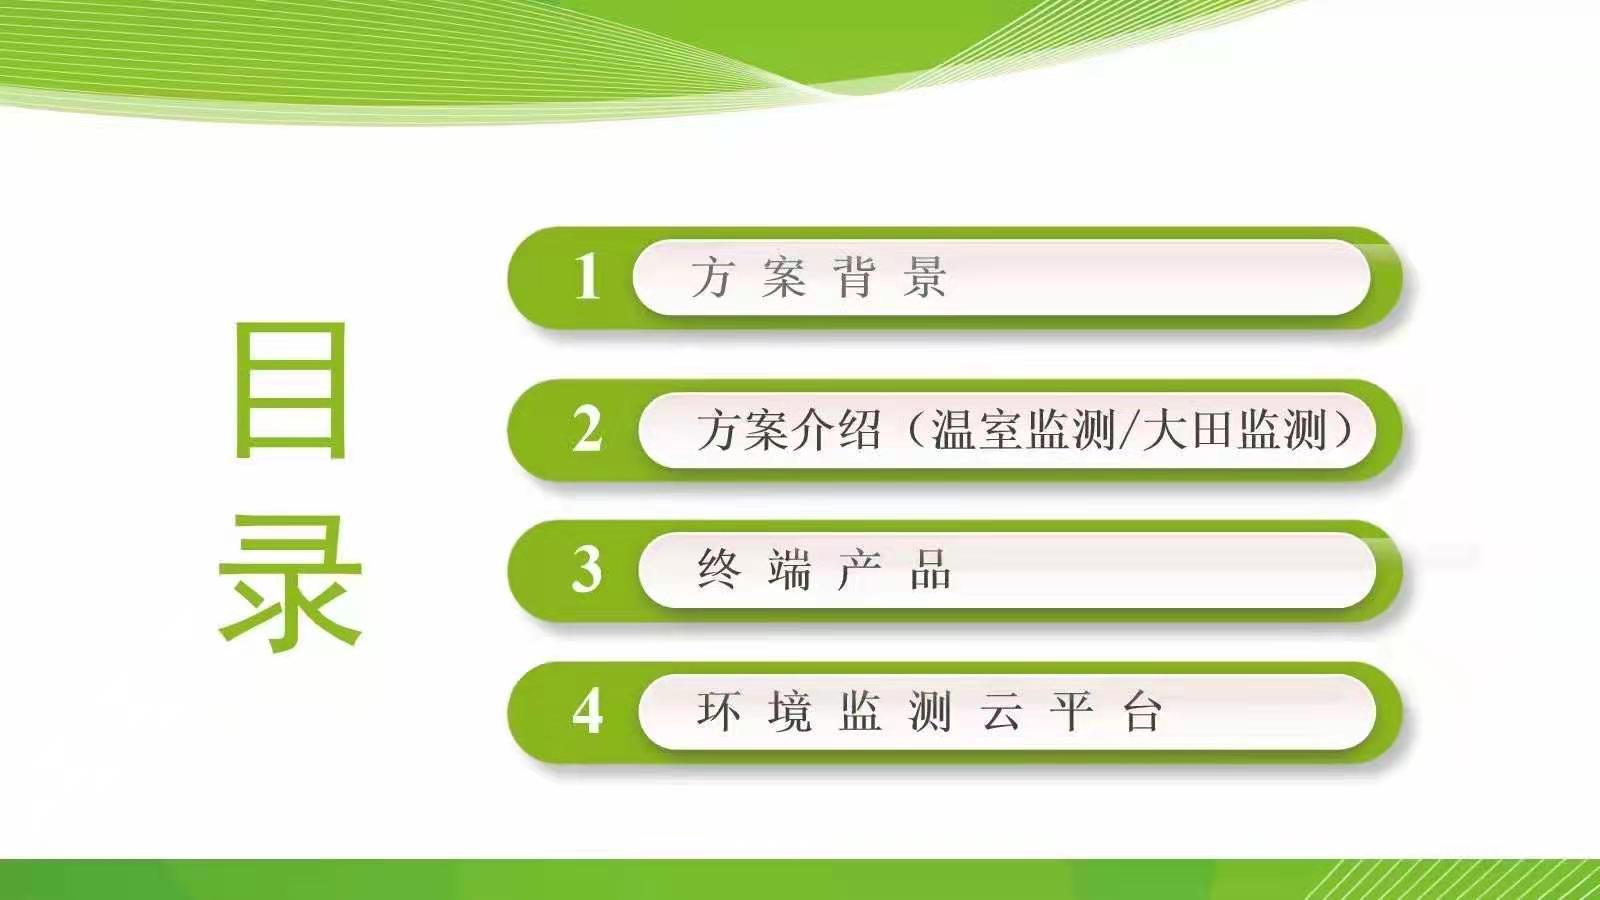 郑州市东风路直播